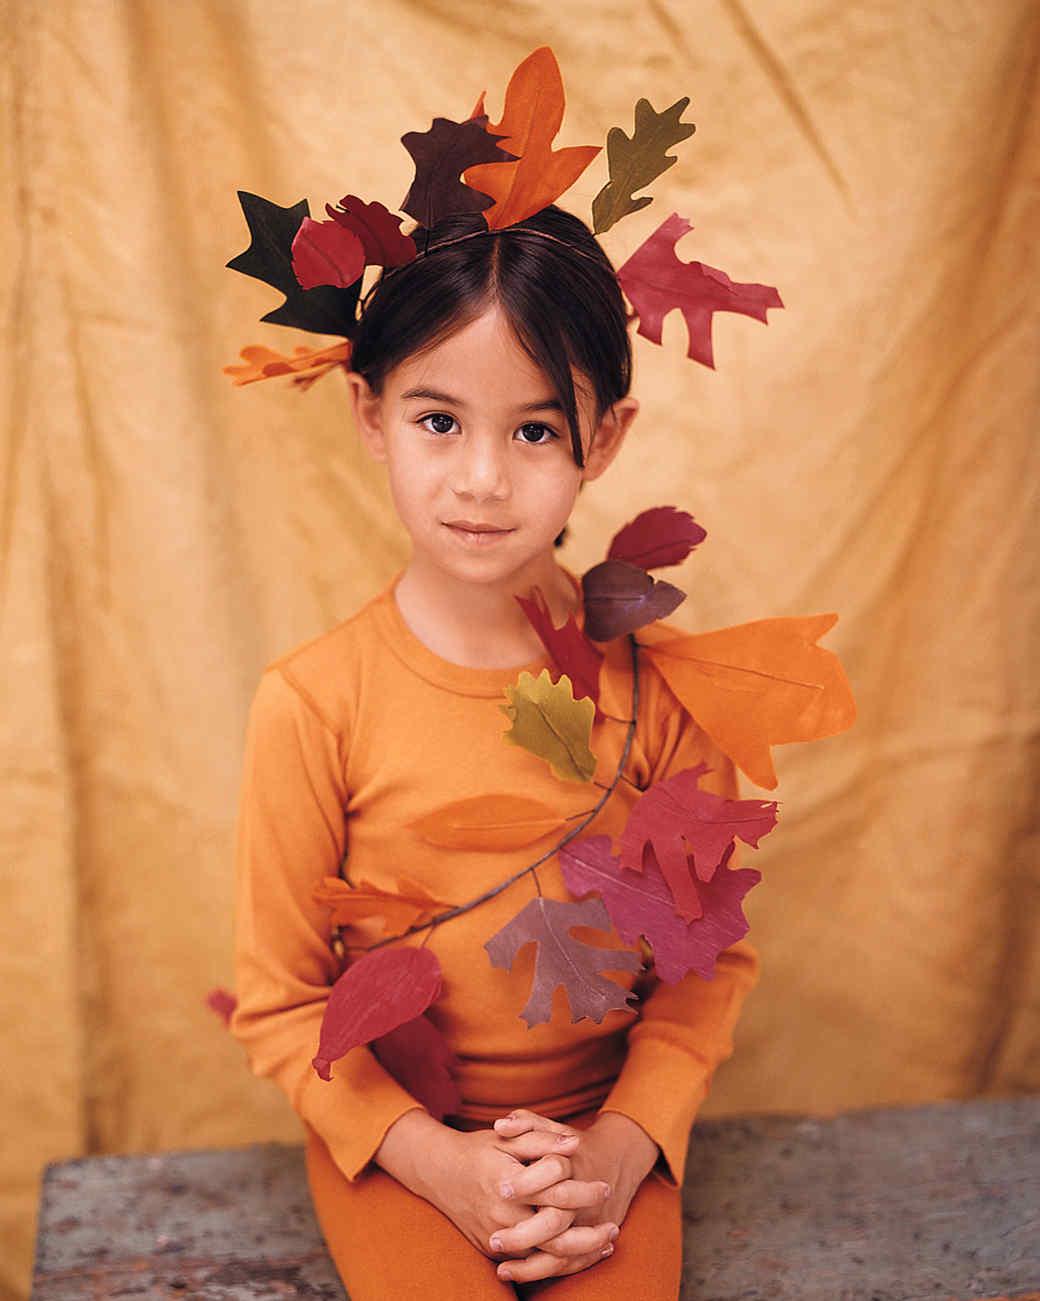 Leaf Garland Costume